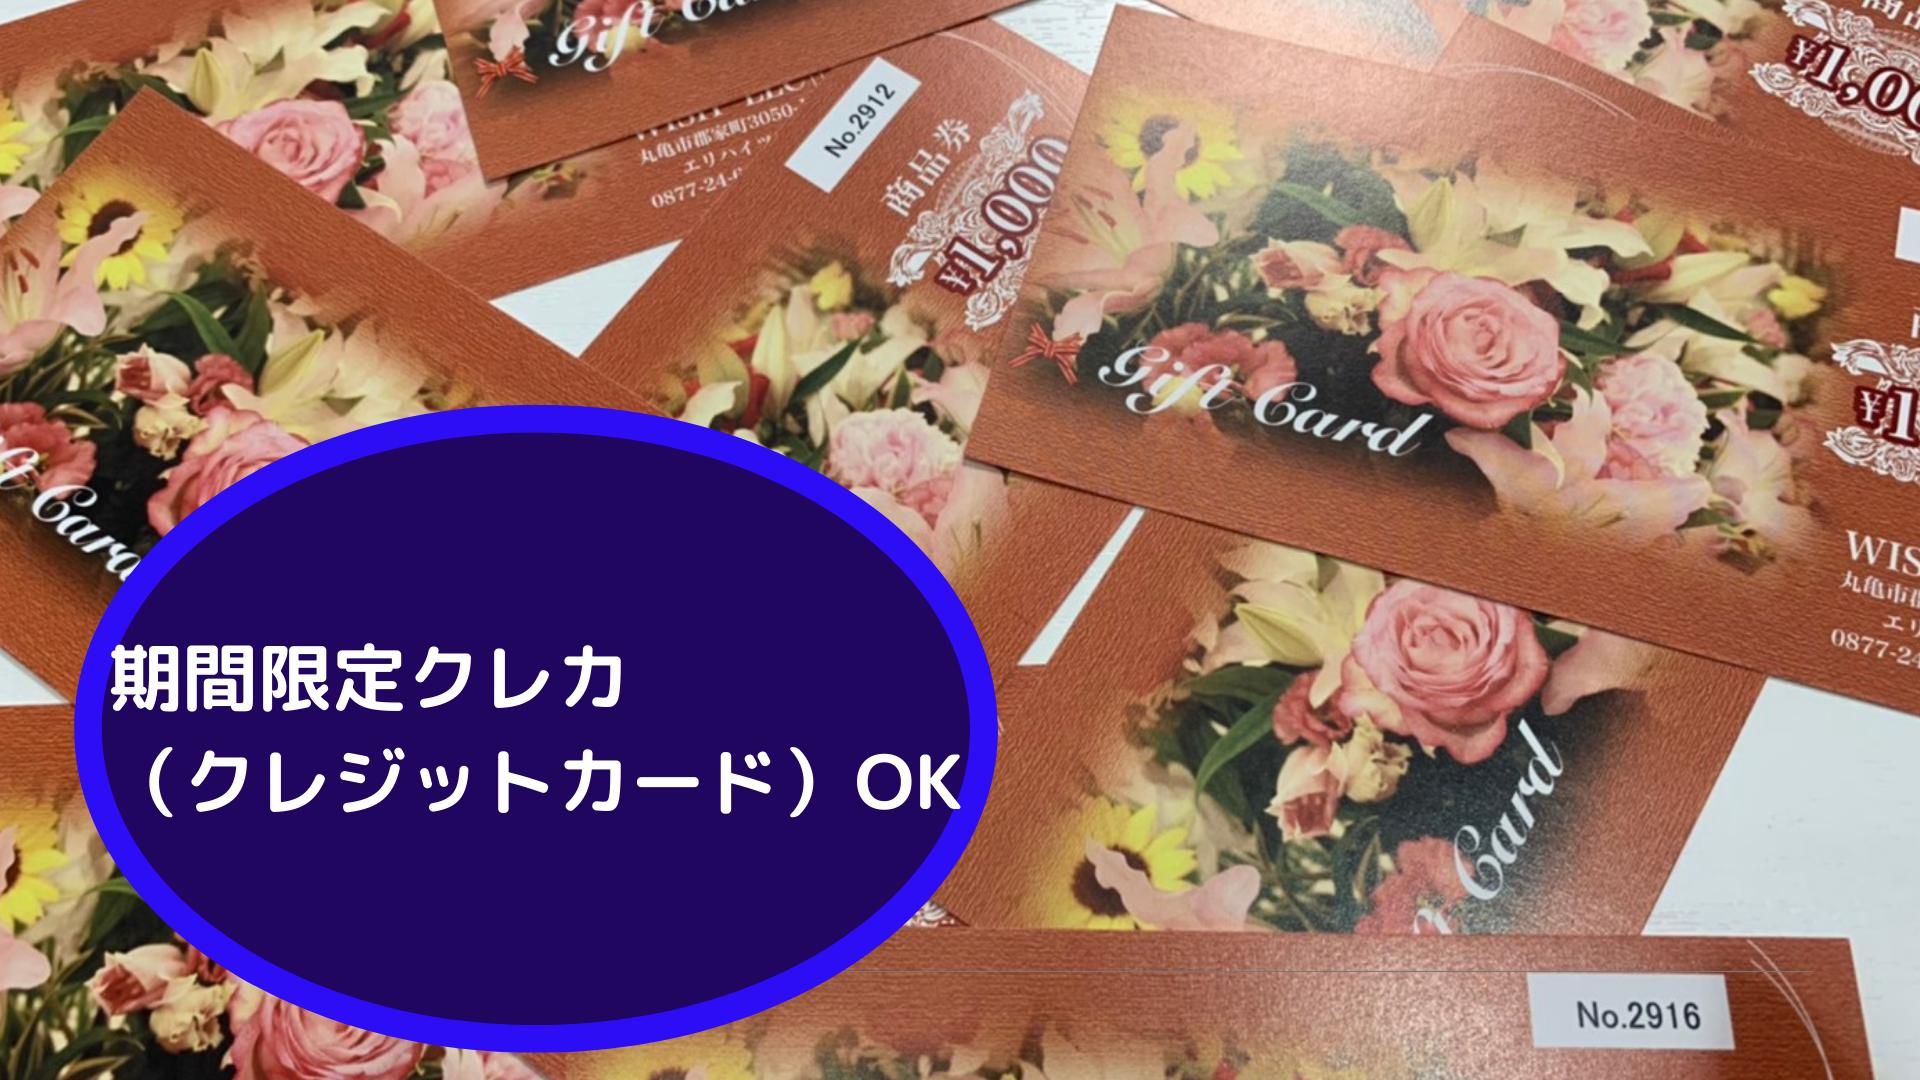 プレミアム金券 期間限定クレカ(クレジットカード)OK